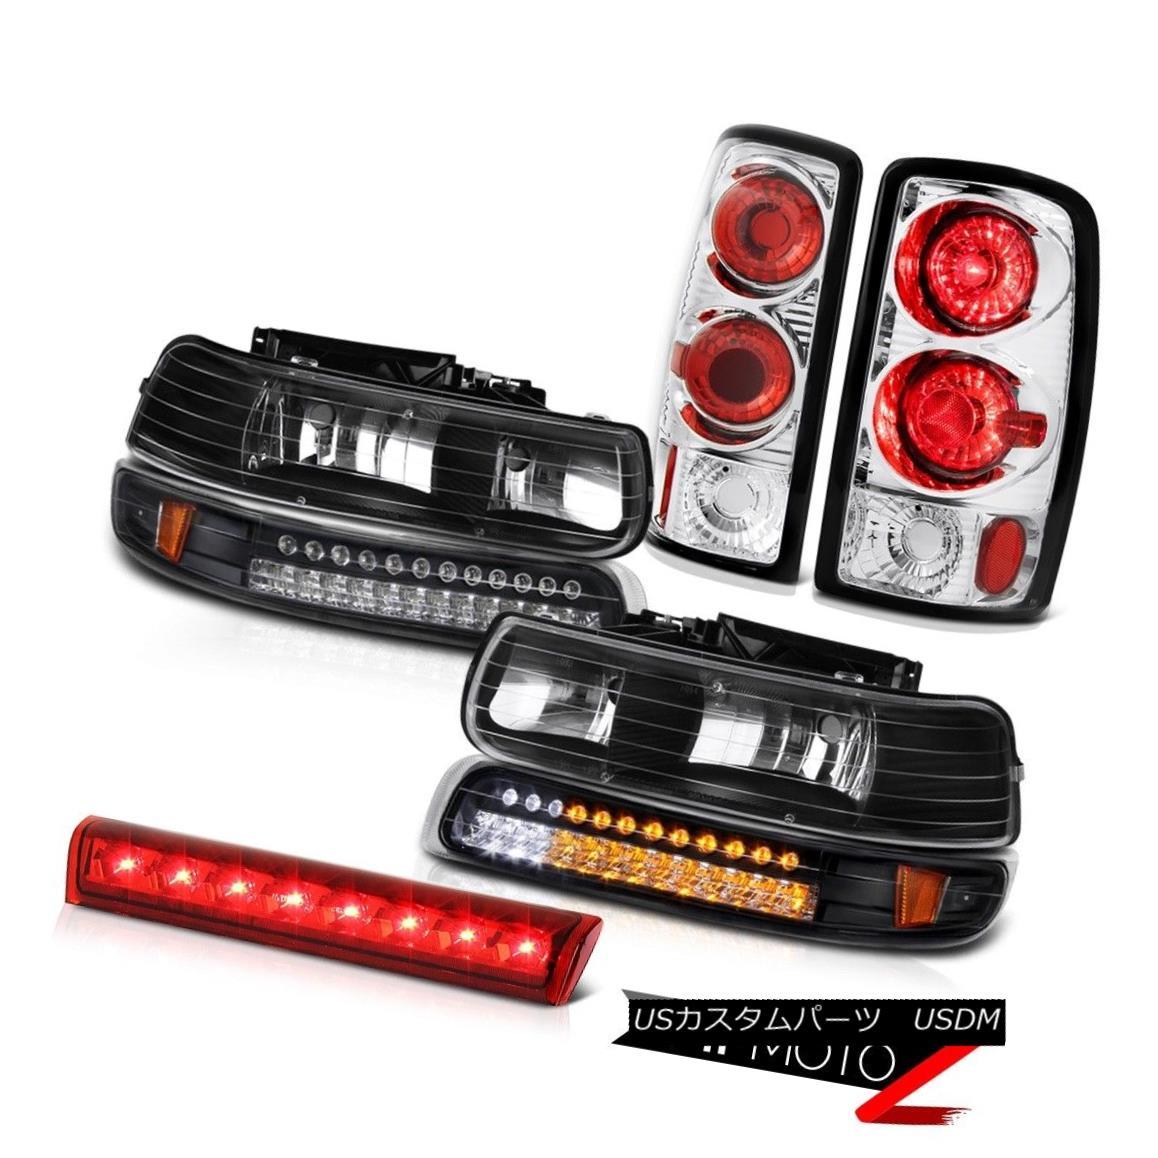 テールライト Black Headlights Headlamps SMD Matte Tail Lights High Cargo LED 00-06 Tahoe Z71 ブラックヘッドライトヘッドランプSMDマットテールライトハイカーゴLED 00-06タホZ71